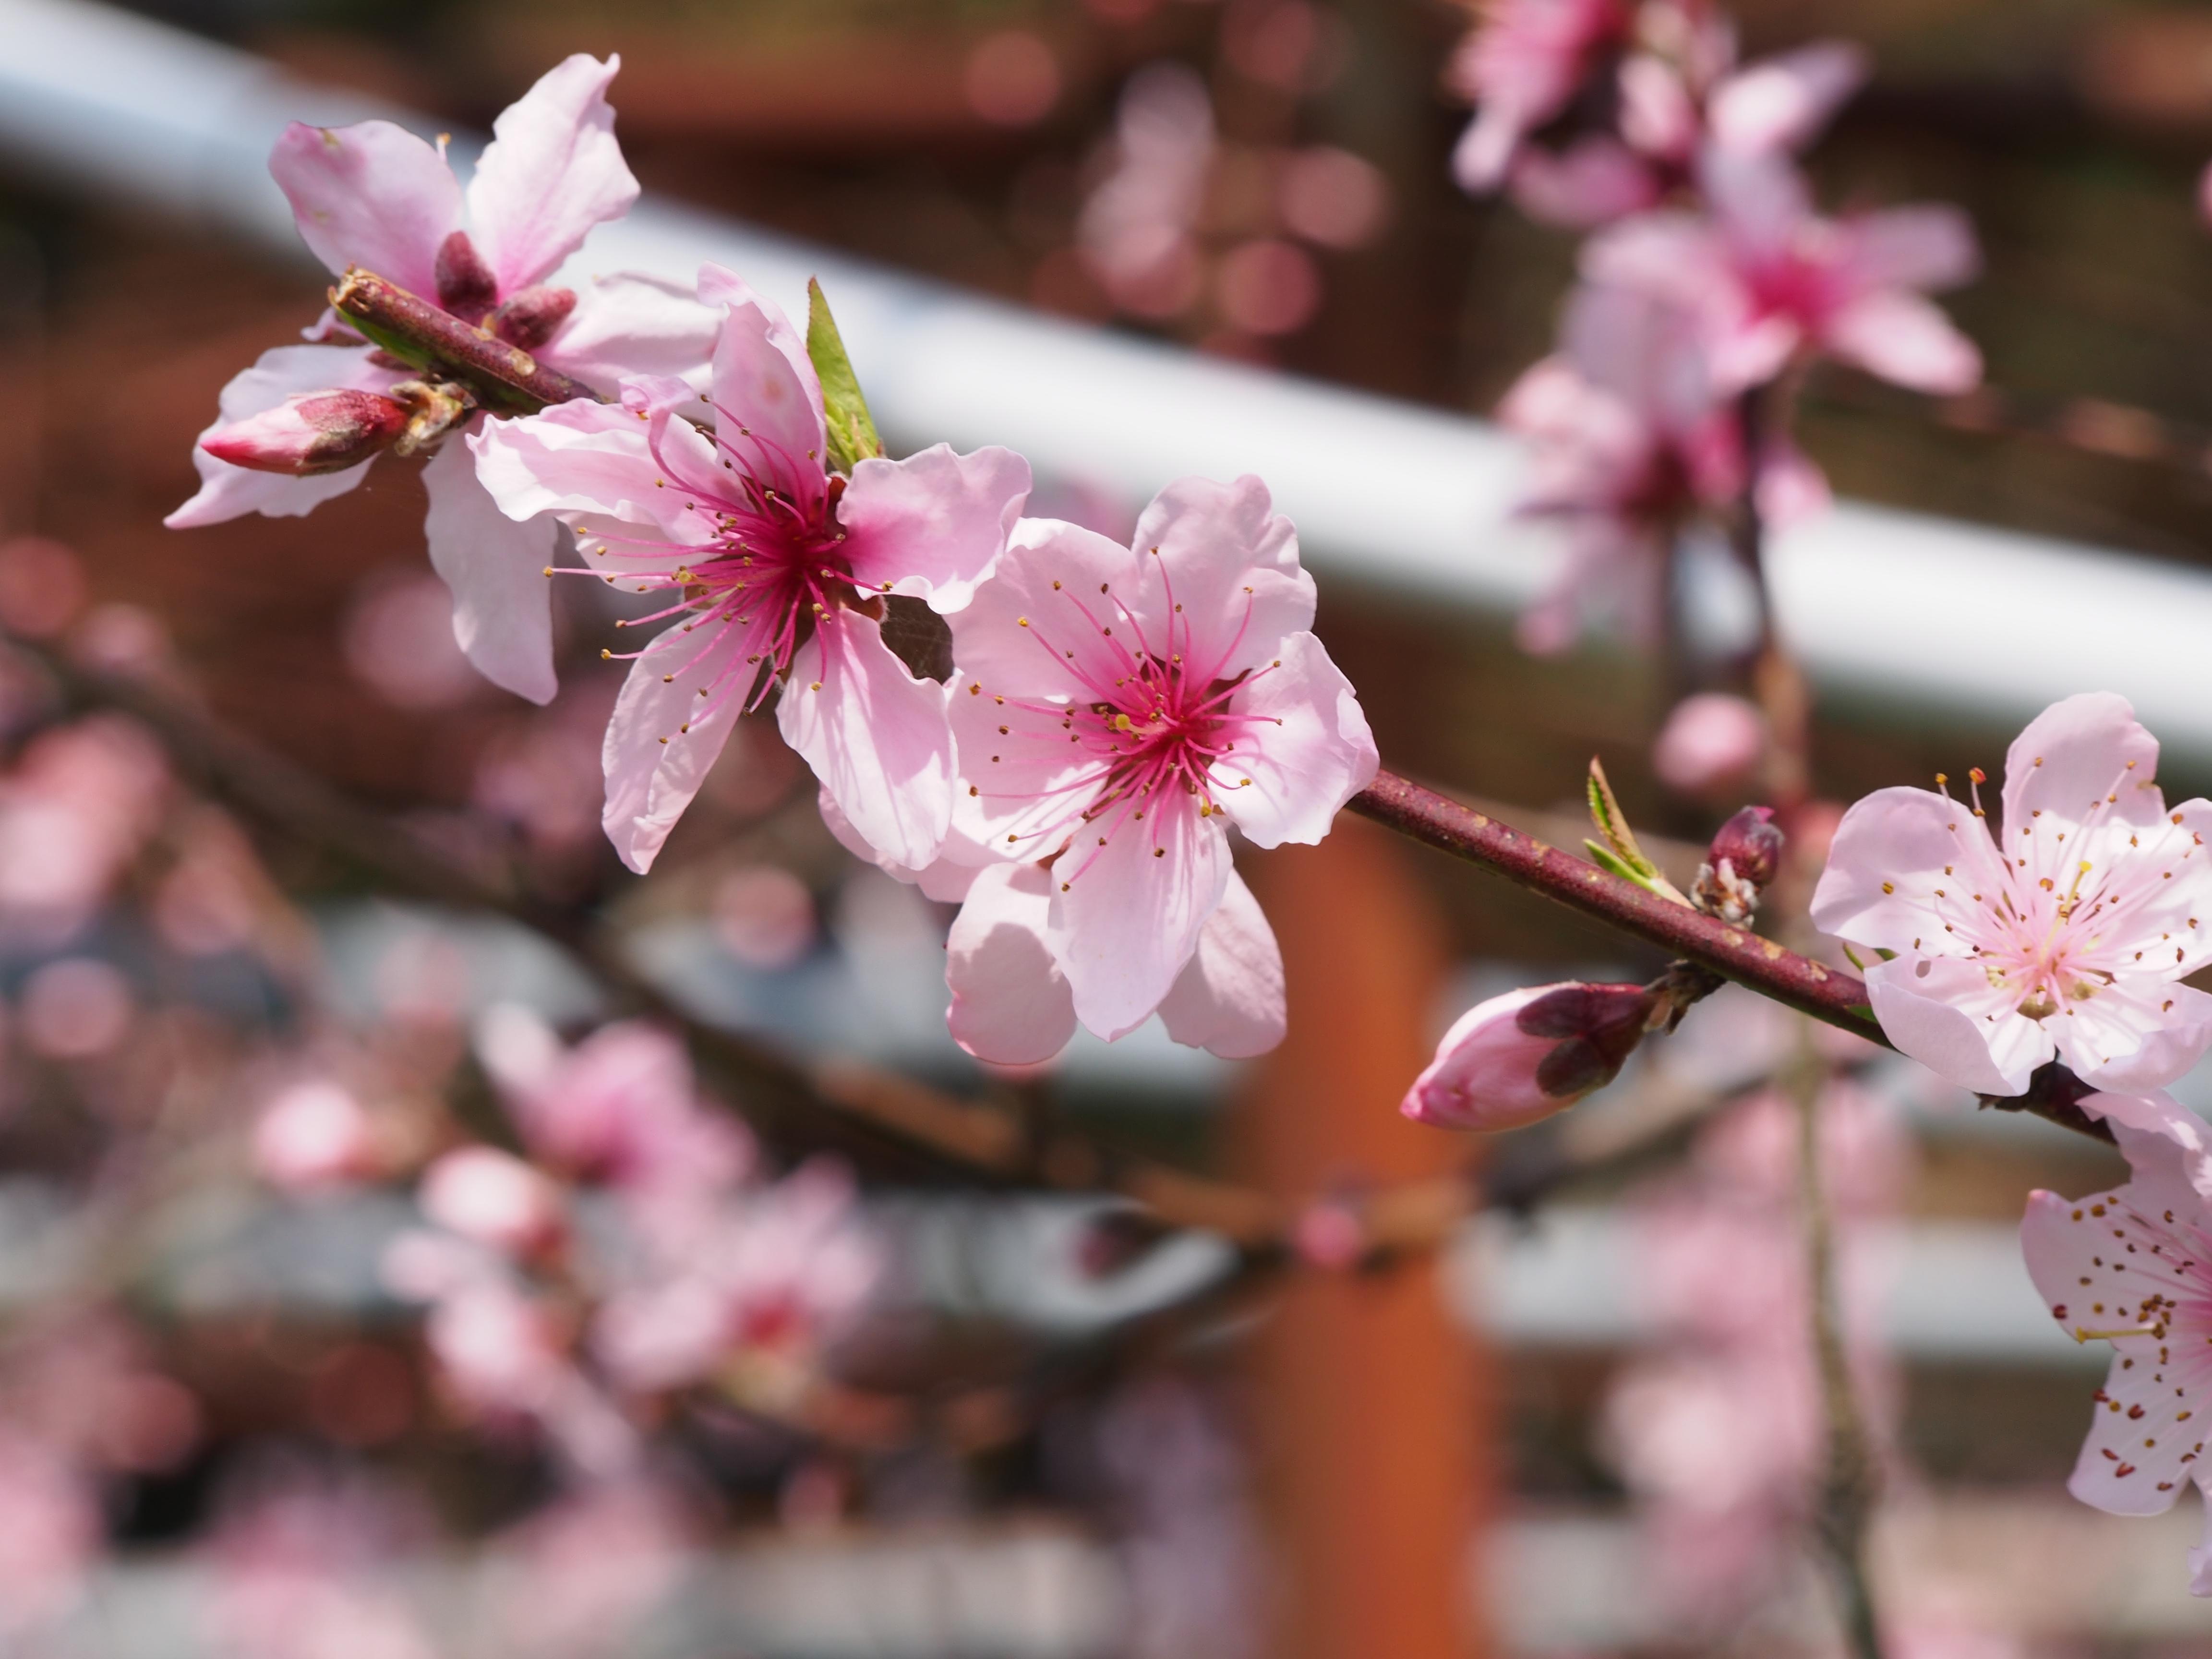 熊本県西田さんの自然栽培桃